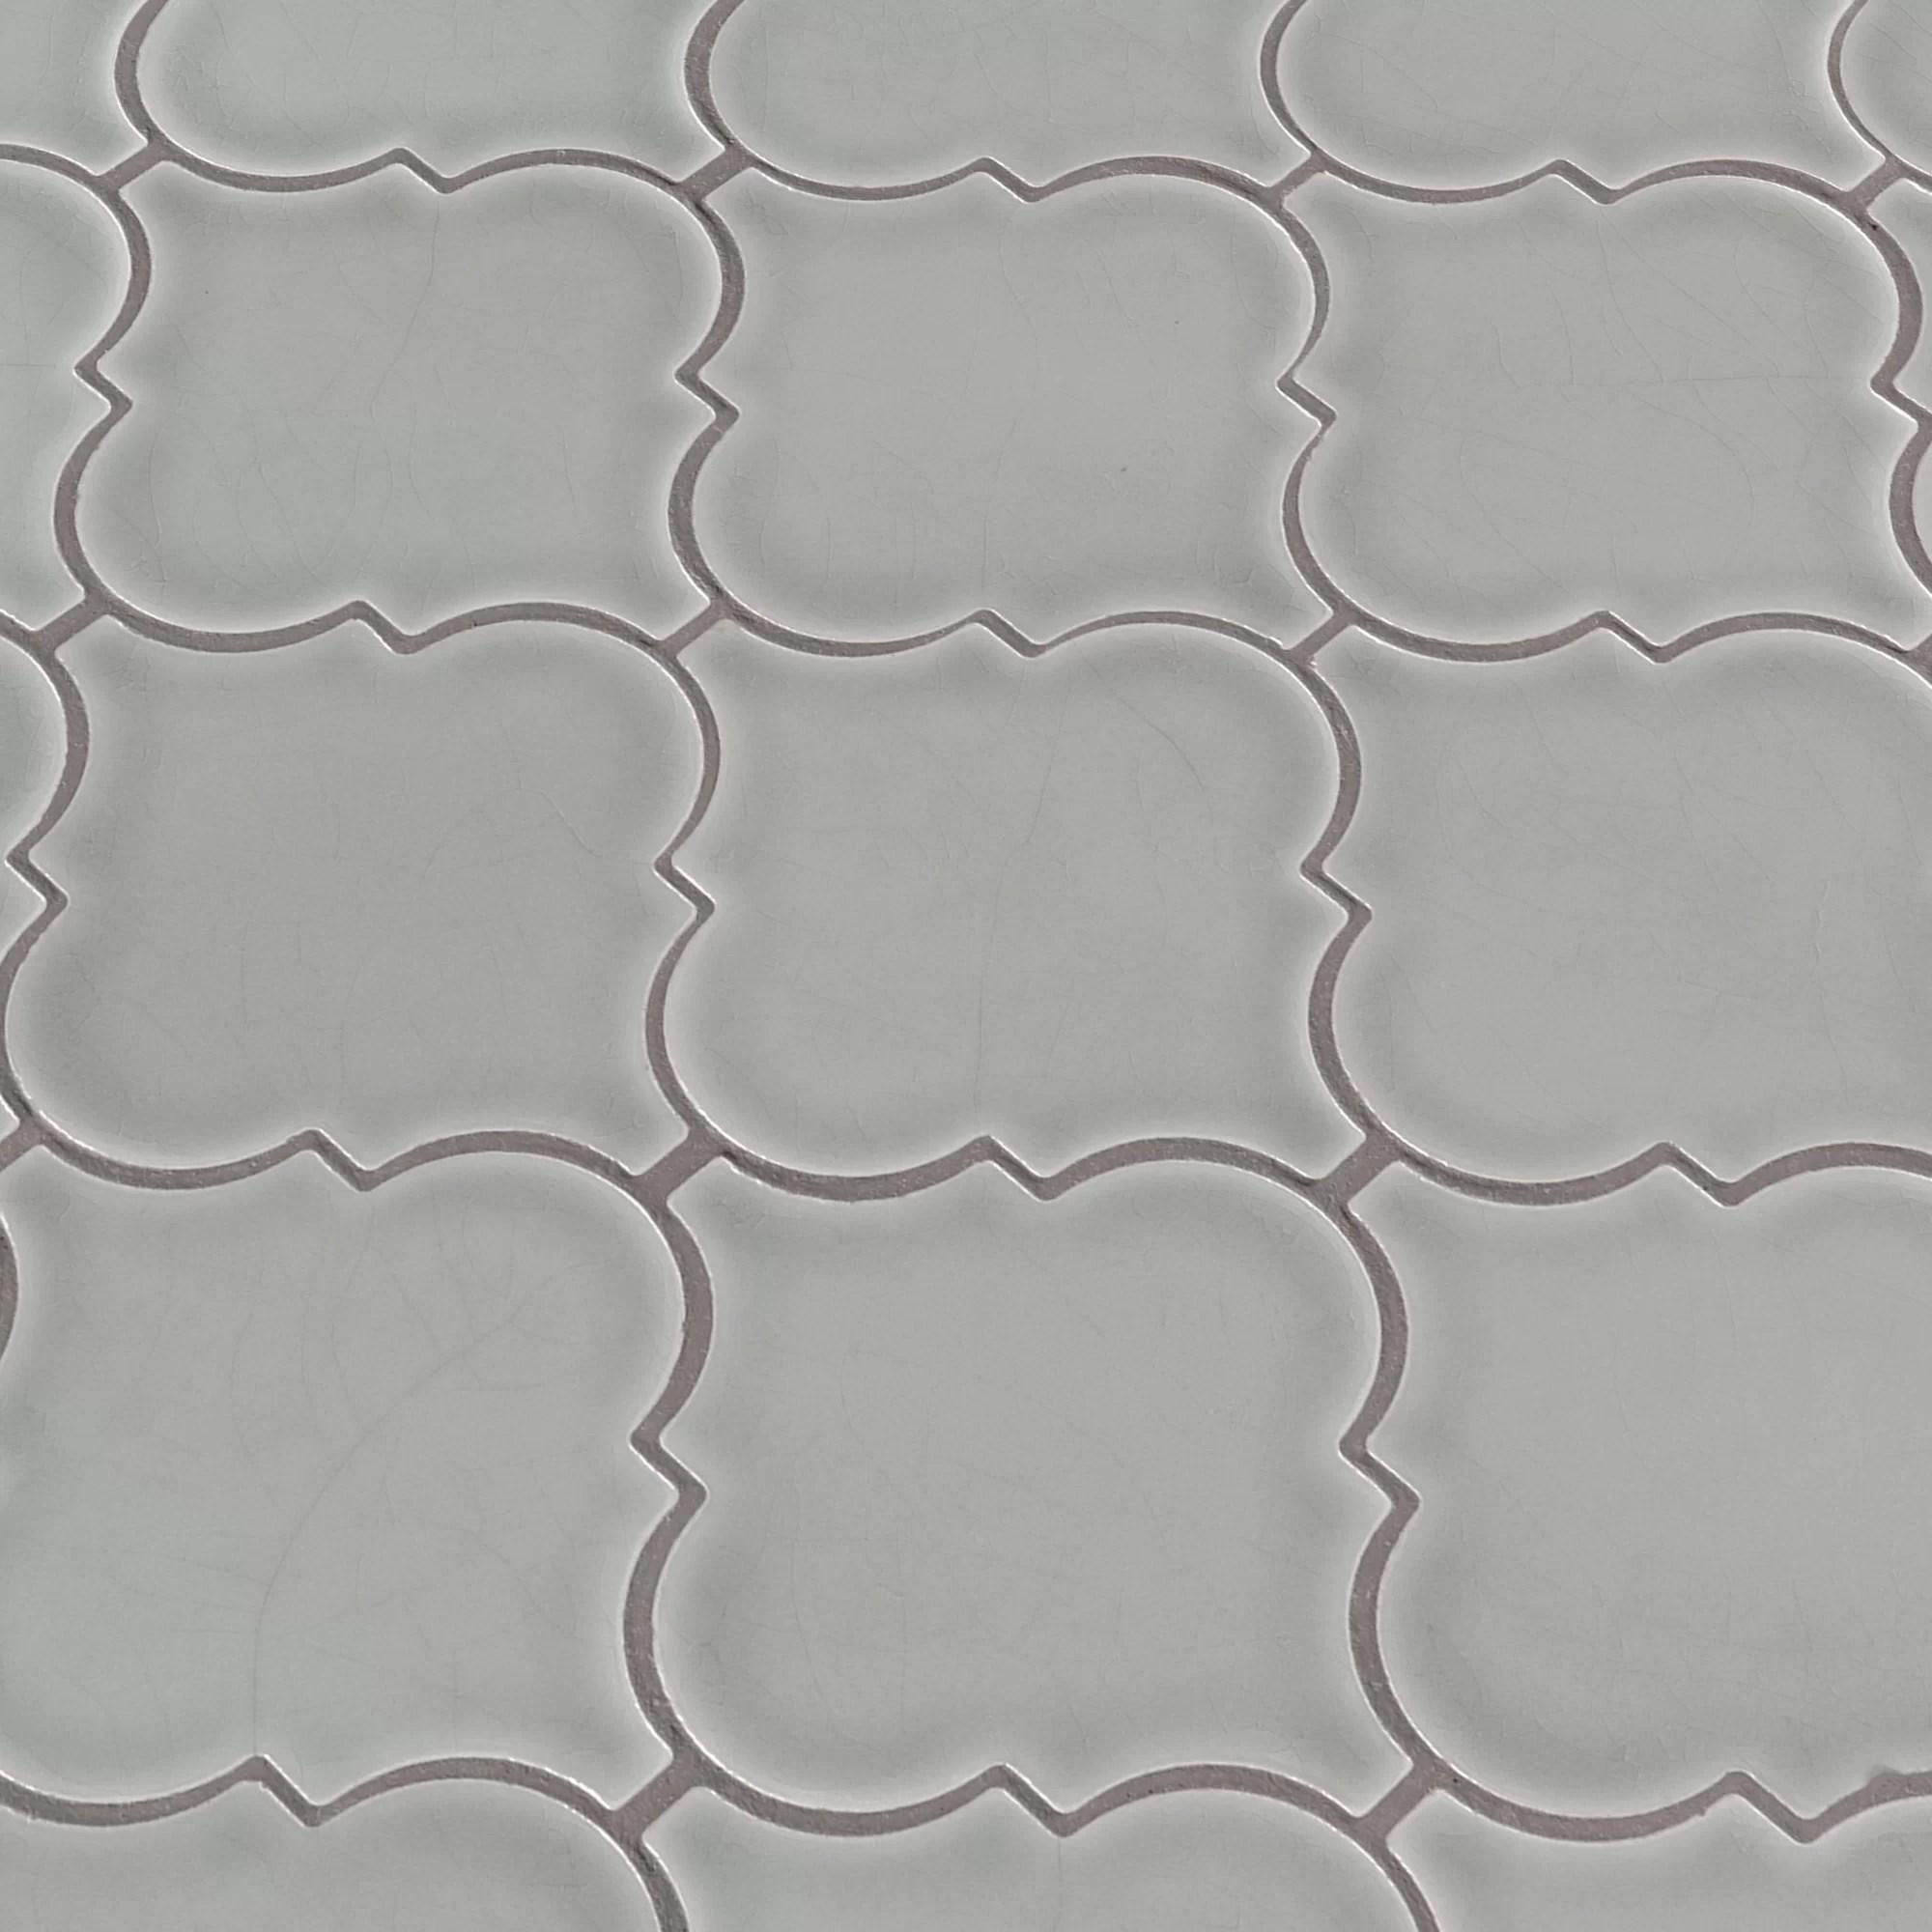 msi highland park 3 x 3 ceramic arabesque mosaic wall floor tile wayfair